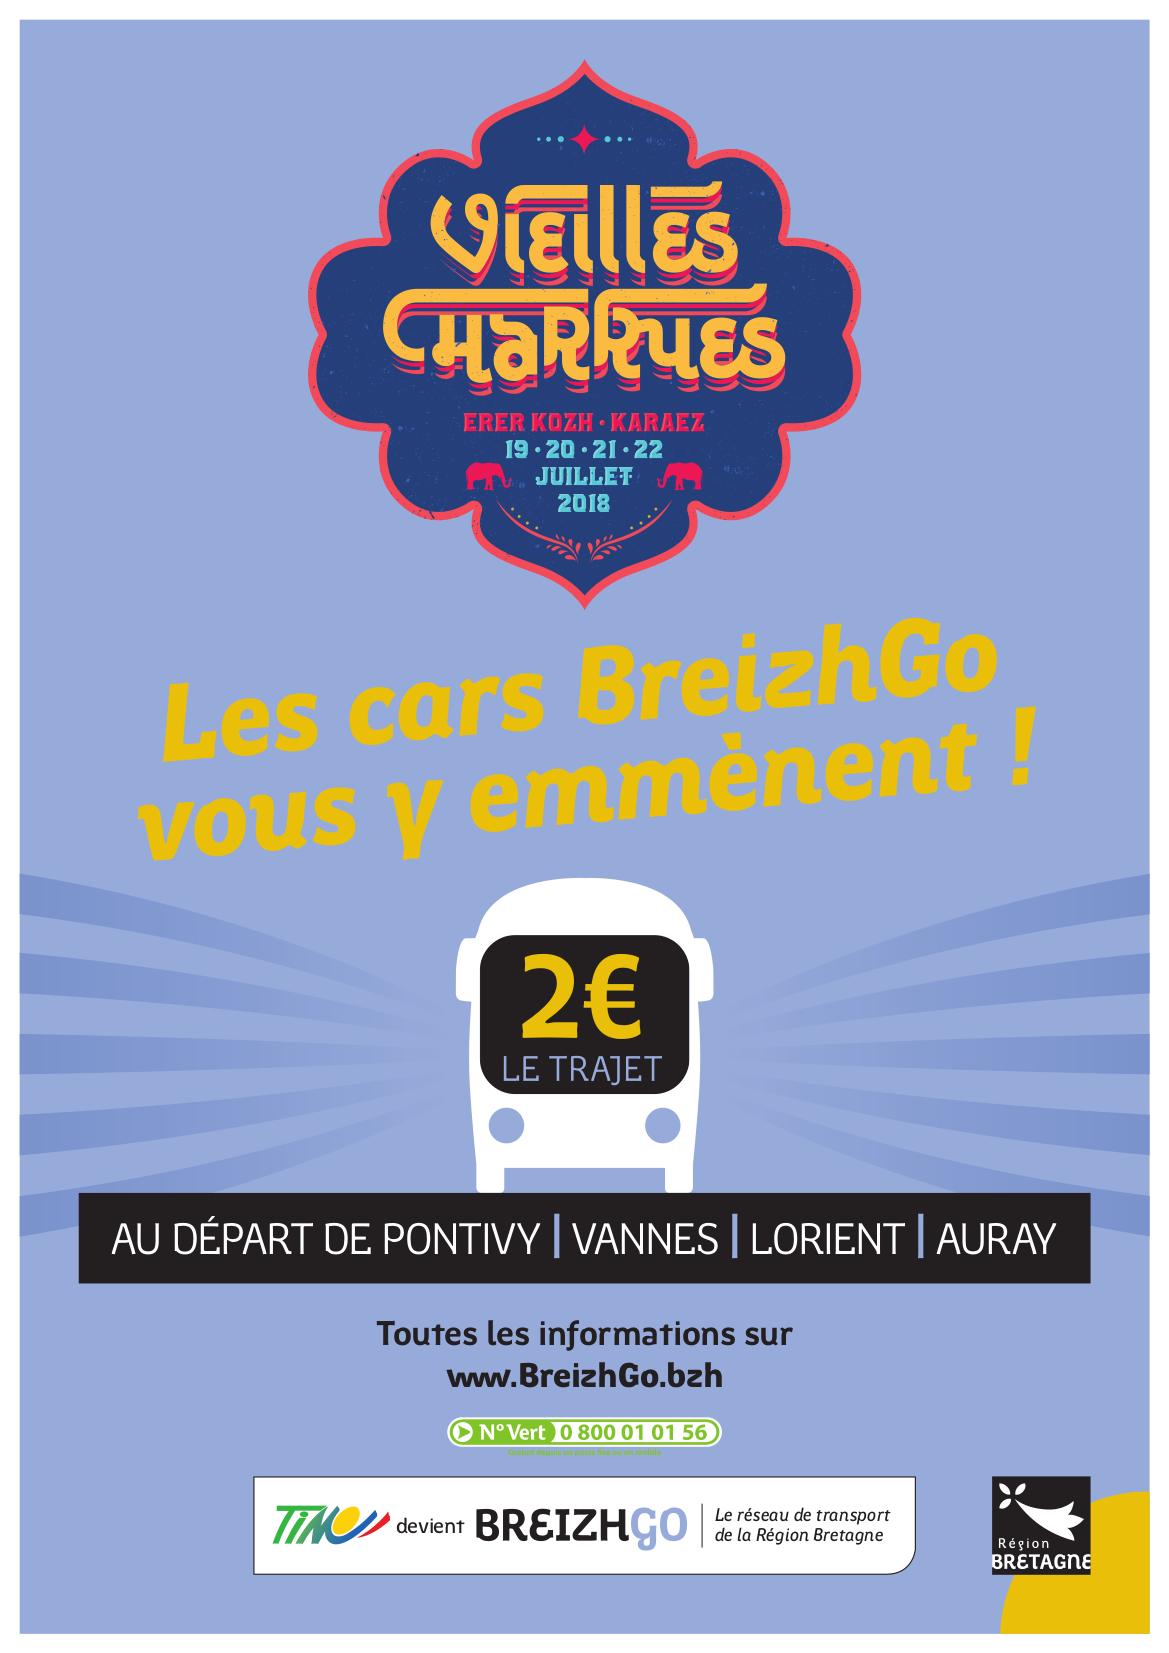 Les Vieilles Charrues du 19 au 22 juillet 2018